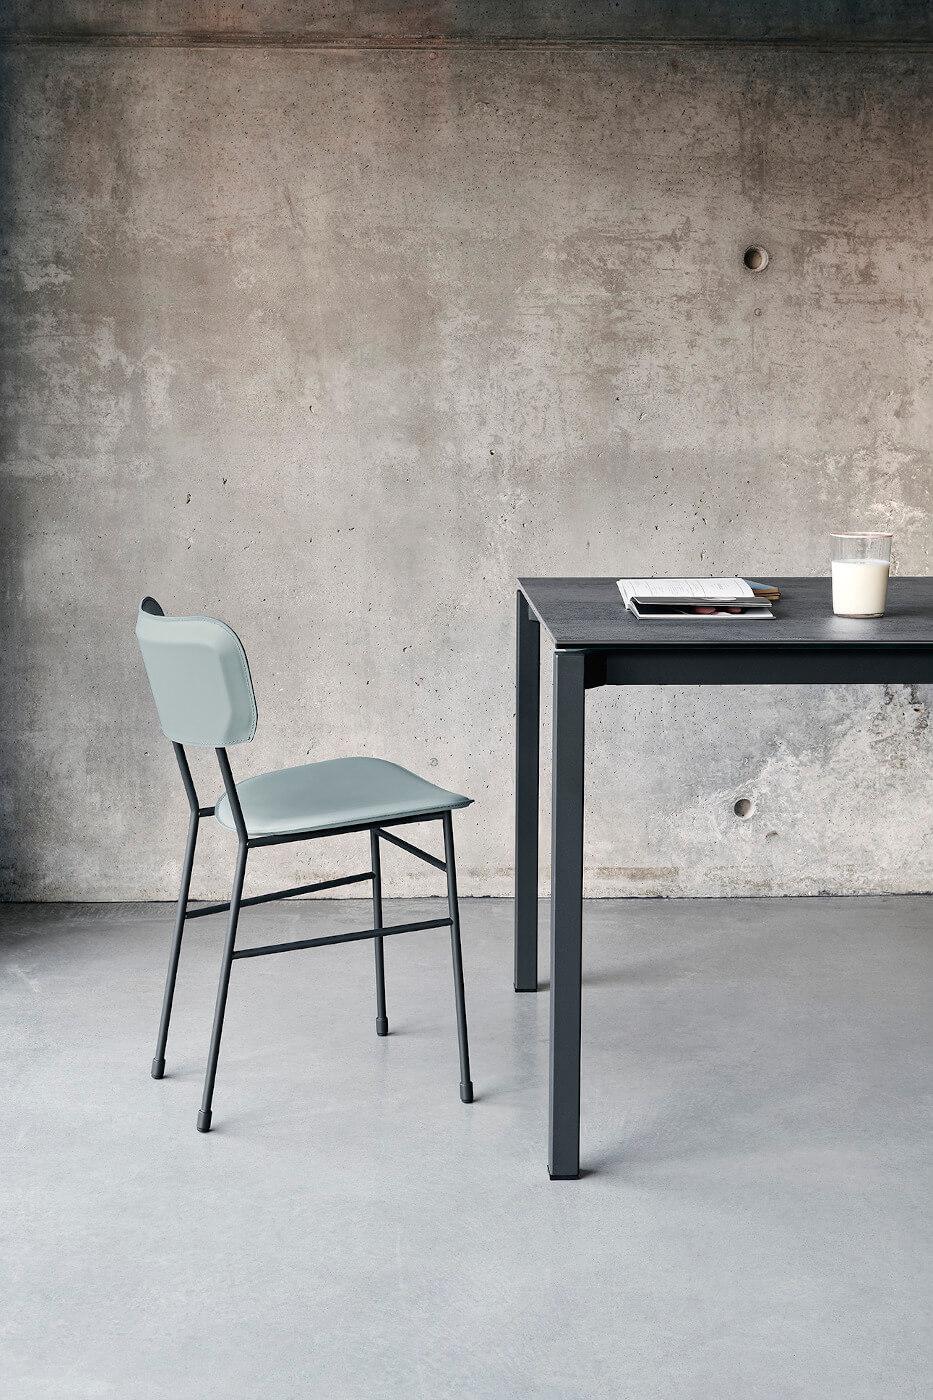 Chaise de table Master avec assise en cuir bleu et structure en métal